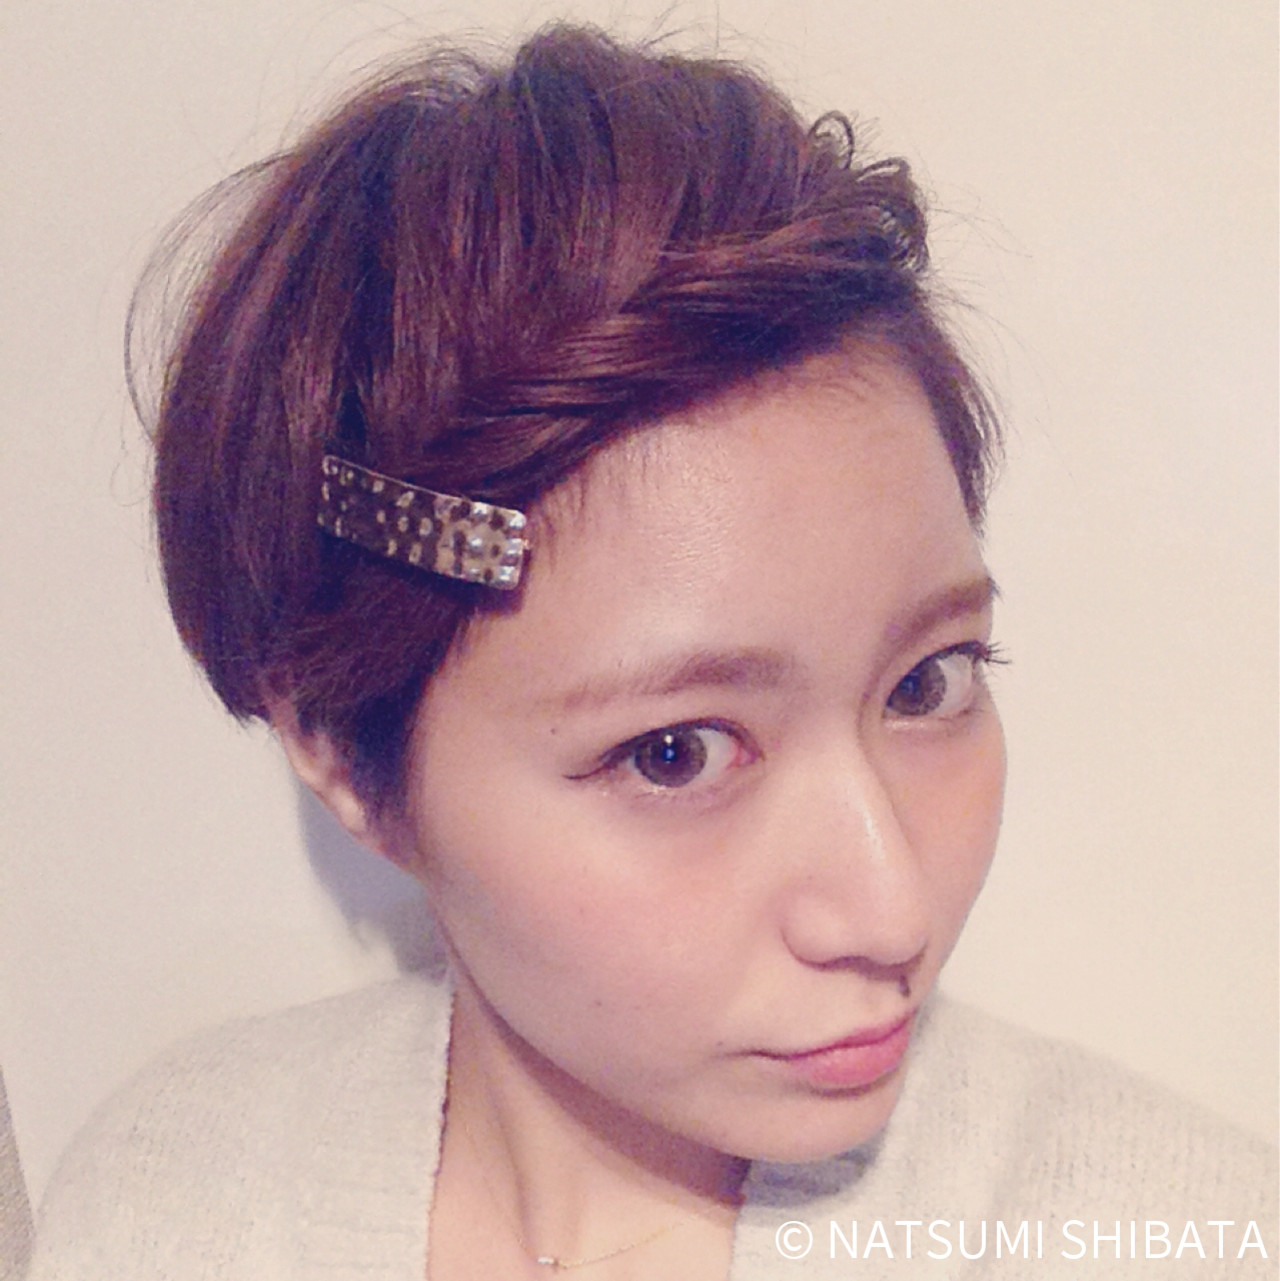 好印象をGETしたい!初心者でもできる前髪ヘアアレンジ NATSUMI SHIBATA / ALBUM